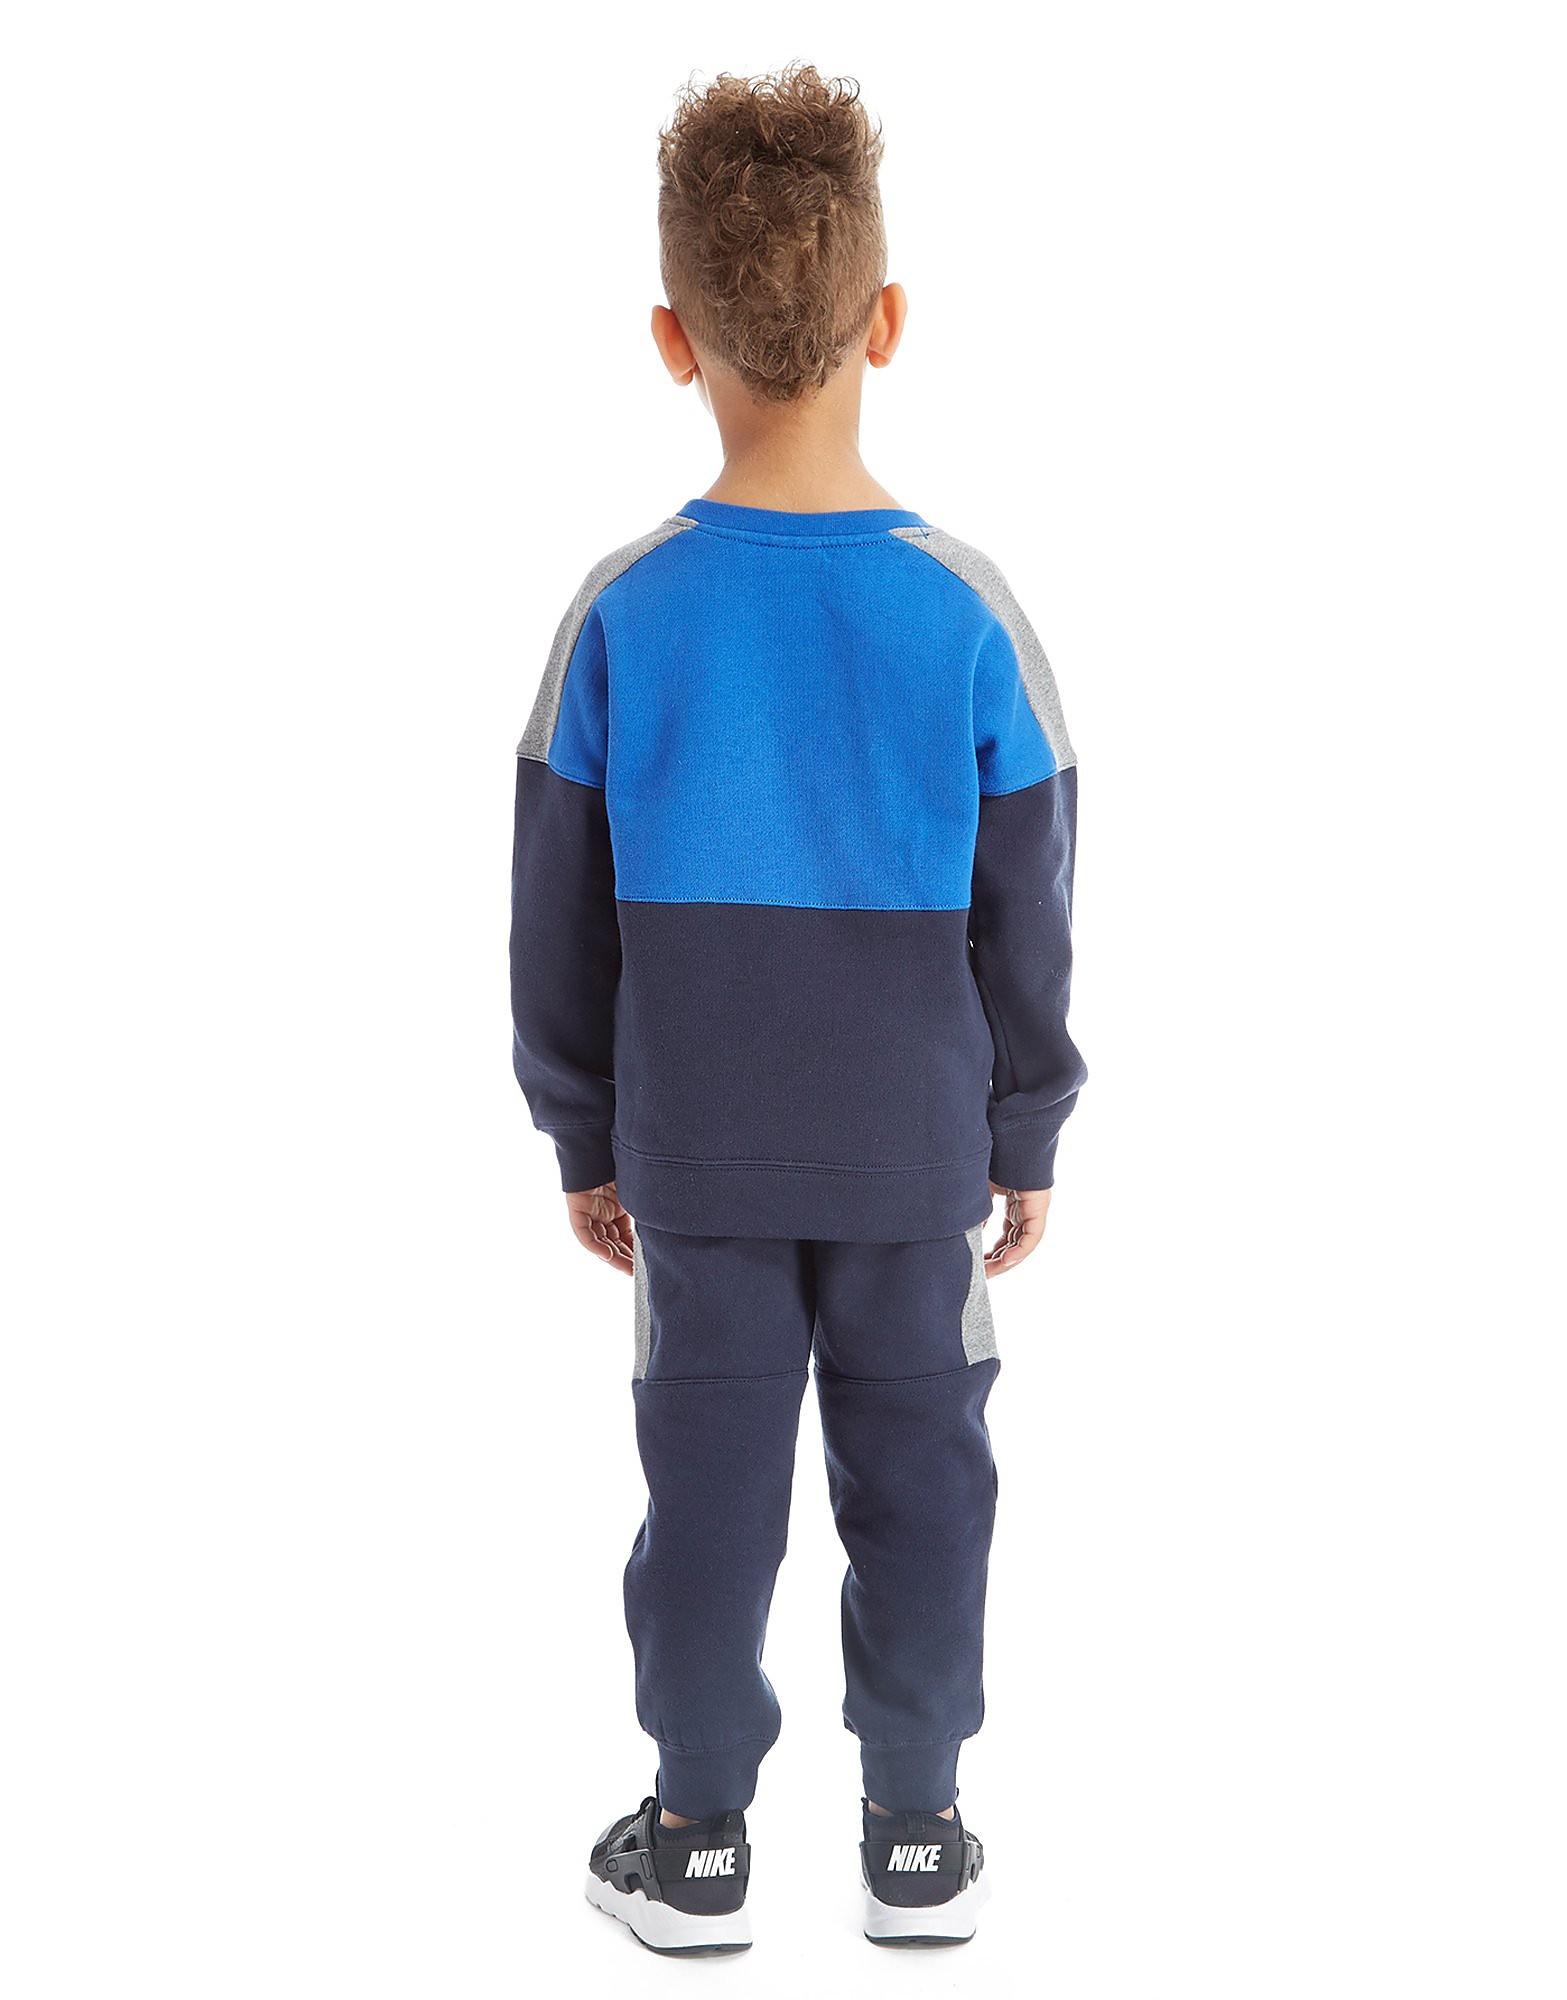 Nike Air Suit Children